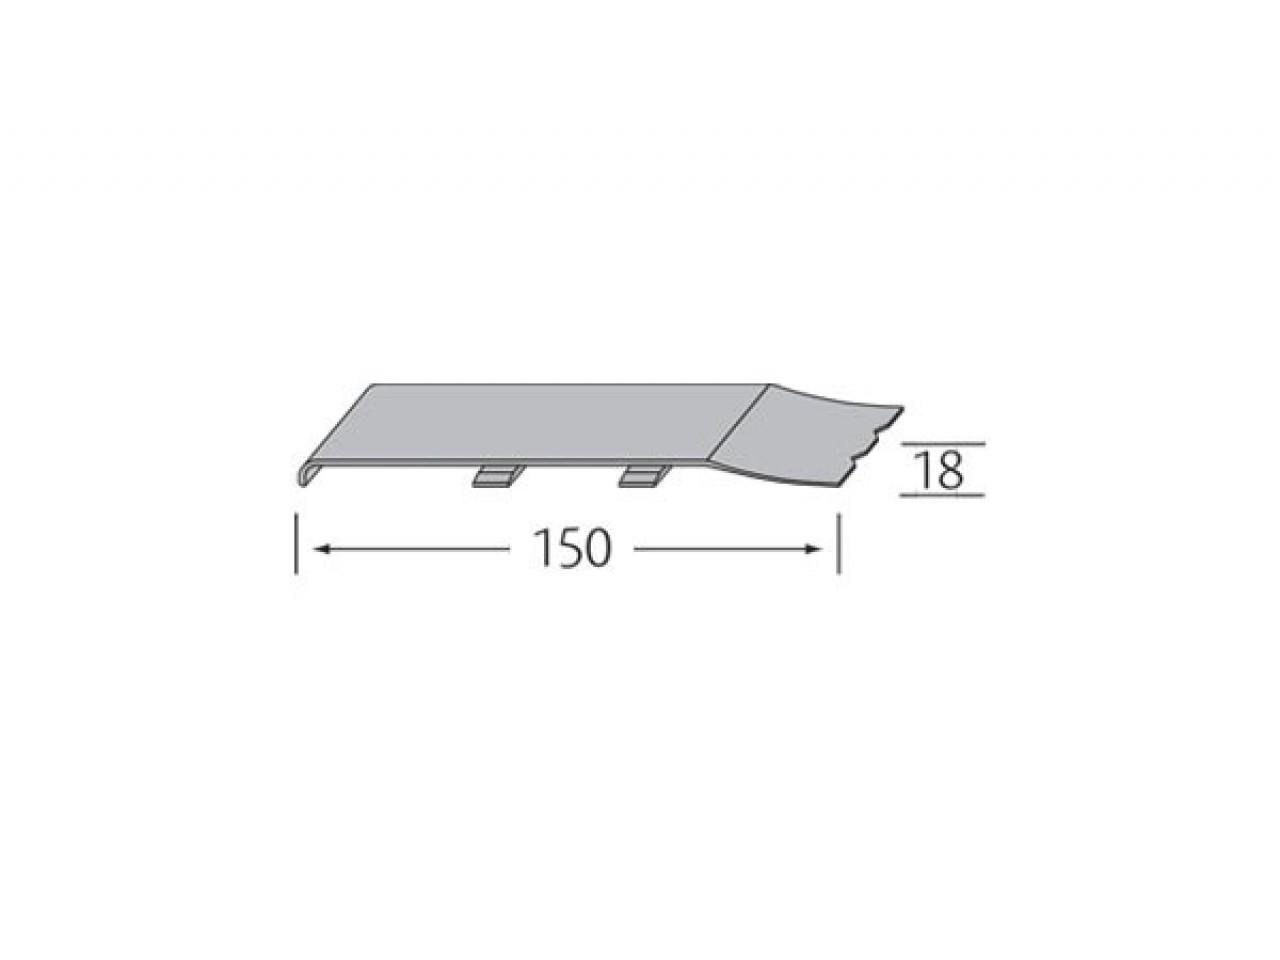 Stootvoegverbinding 150 mm (voor rabatdelen) - VinyPlus